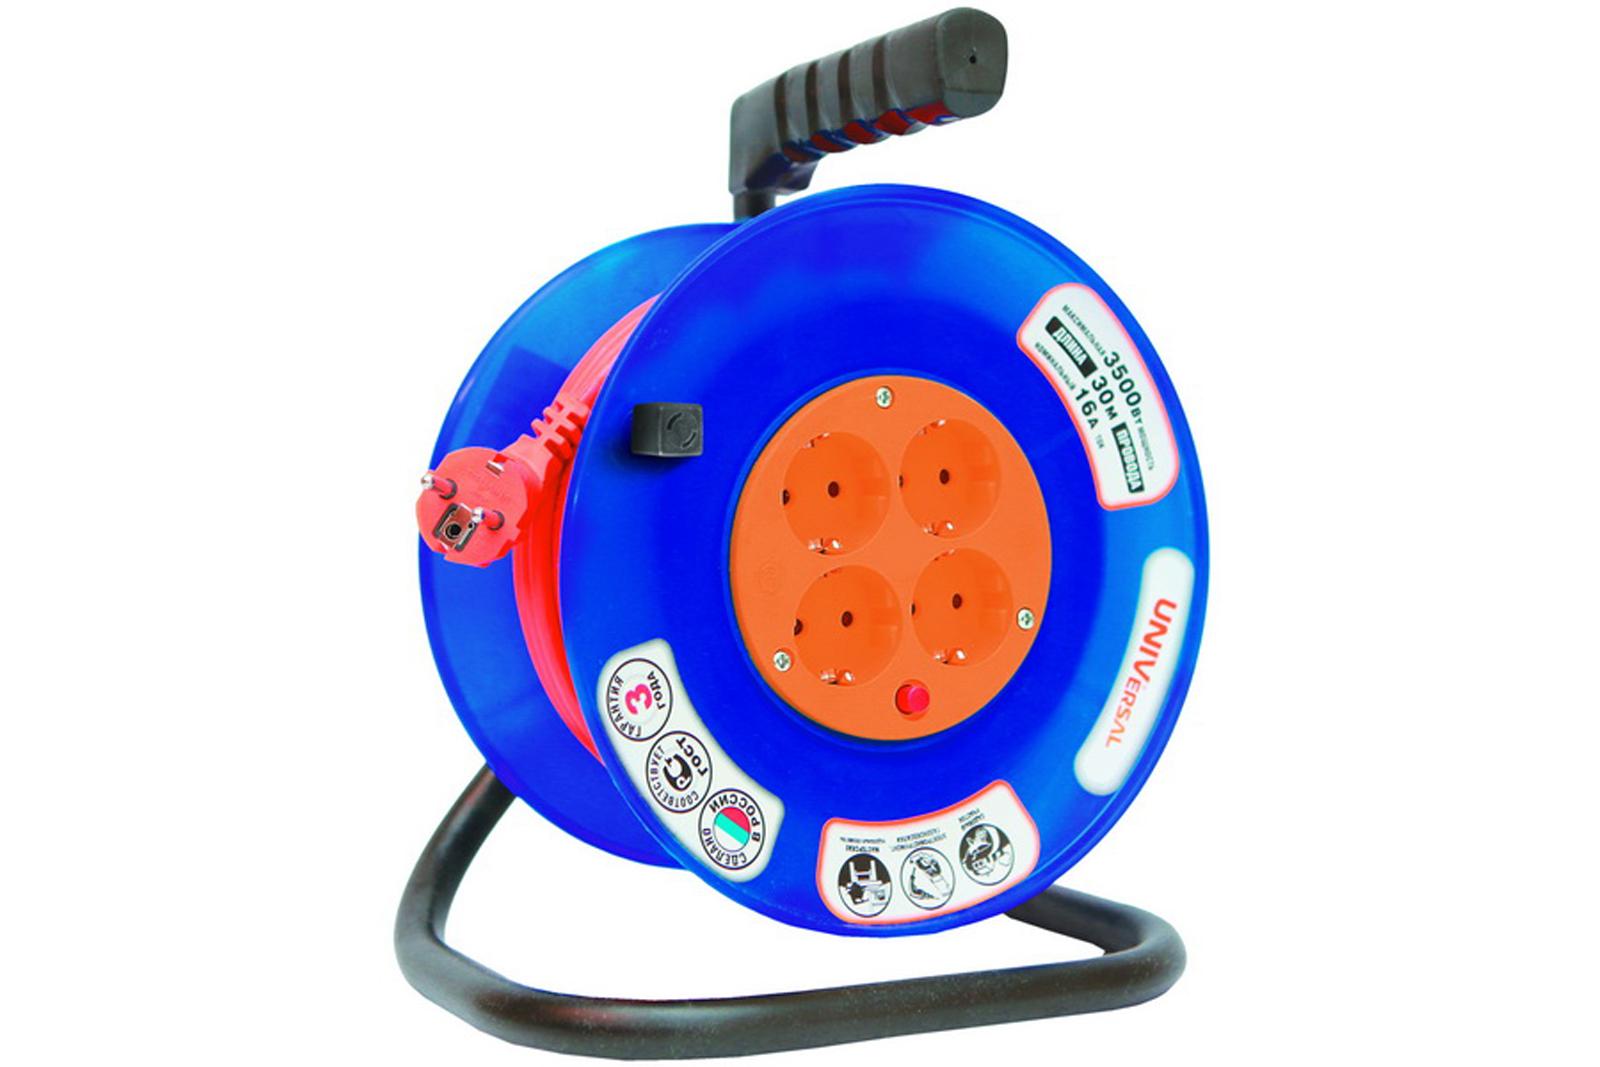 Удлинитель Universal ВЕМ-250 термо ПВС 3*0,75 4гнезда 50м силовой удлинитель universal вем 250 термо пвс 3 0 75 20м 9634151